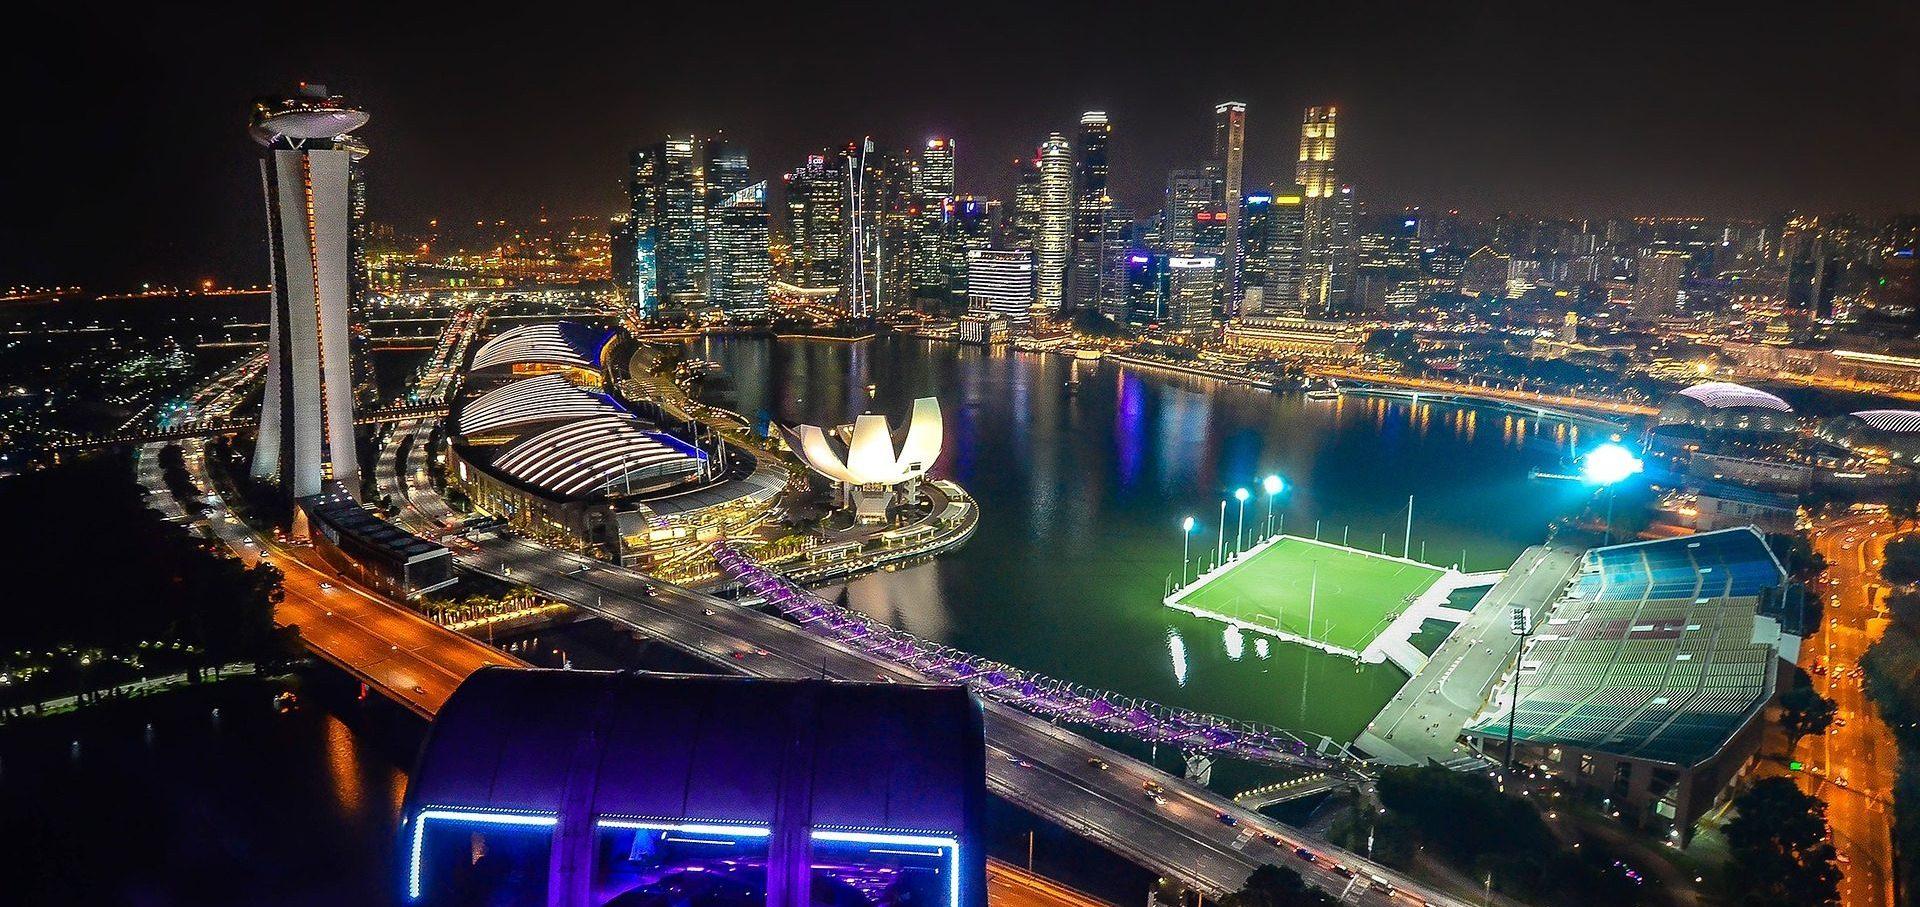 singapore シンガポール